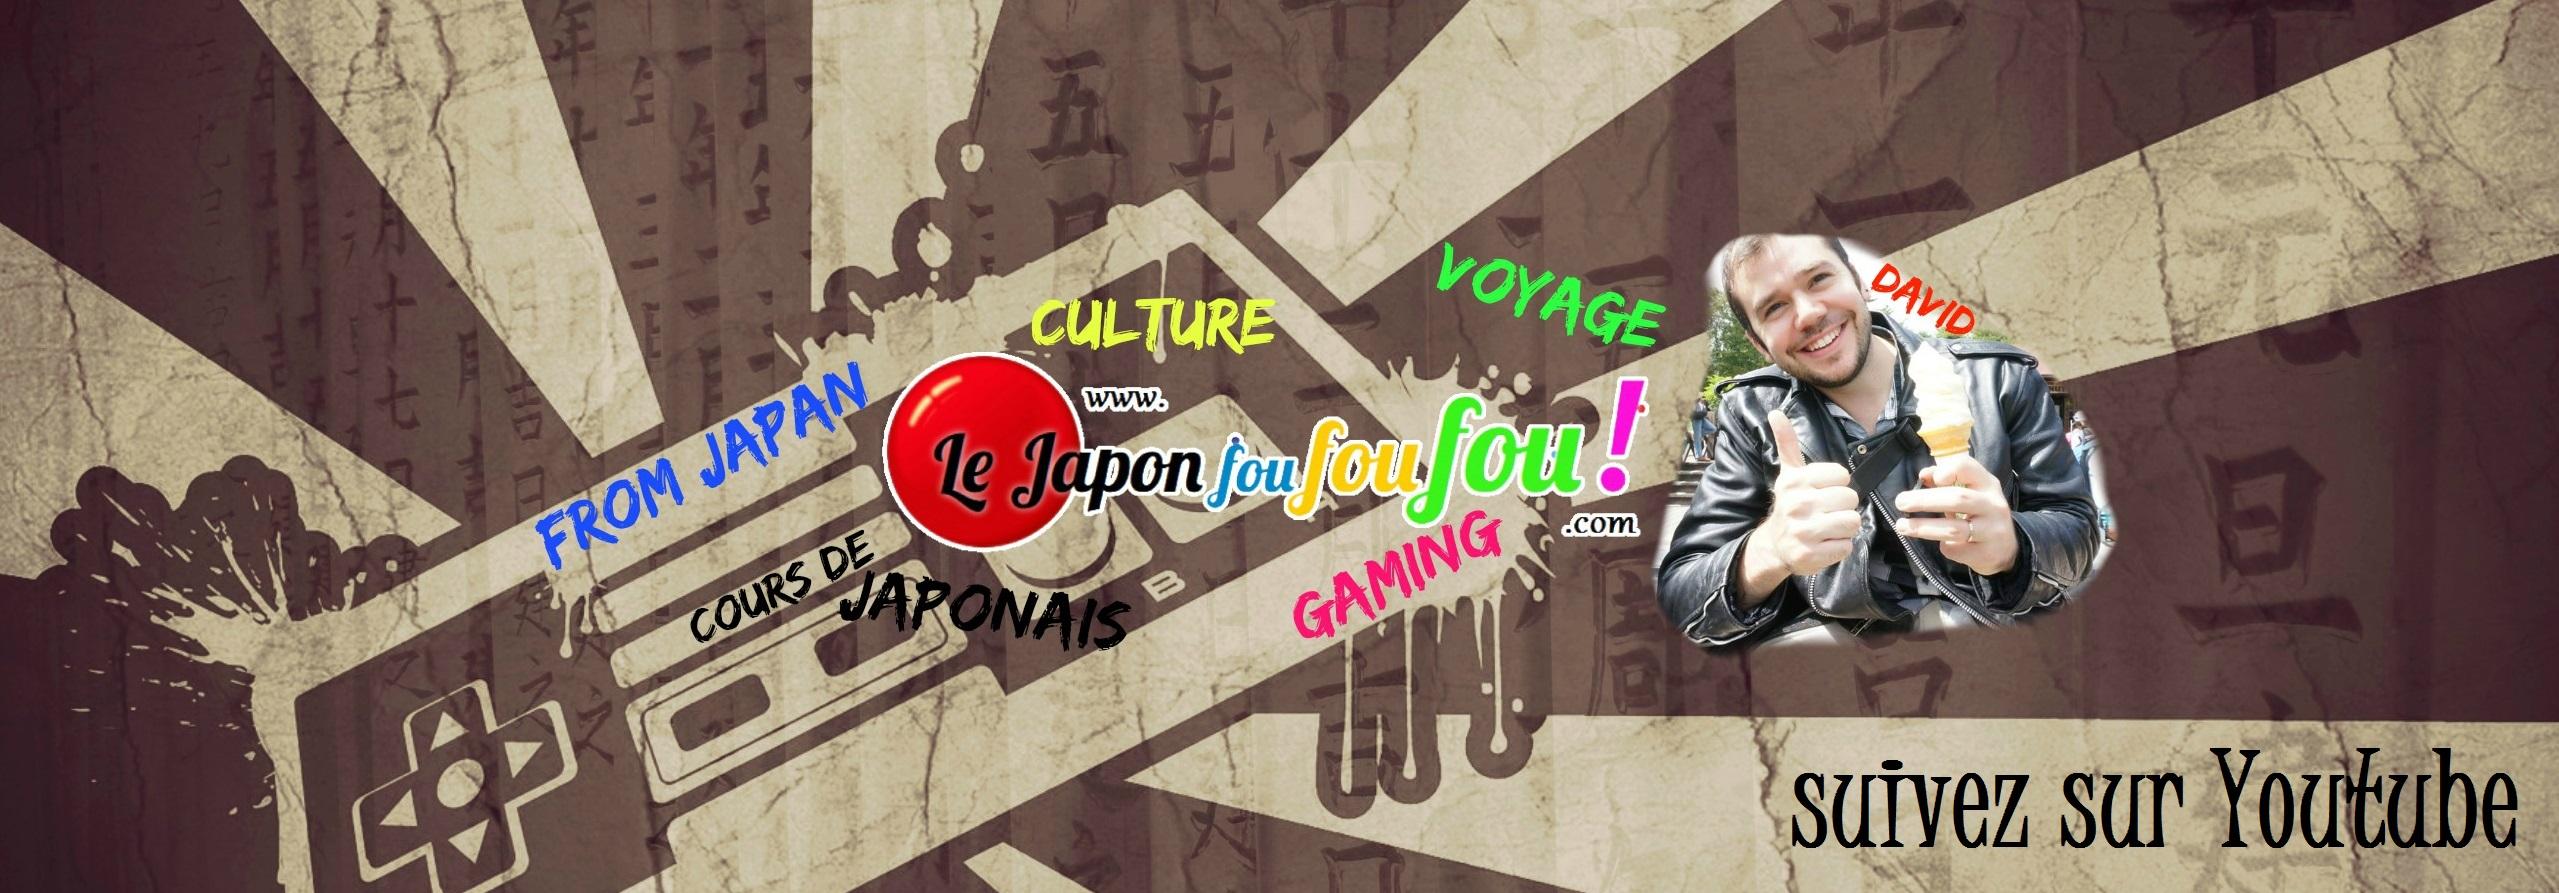 Le Japon fou fou fou